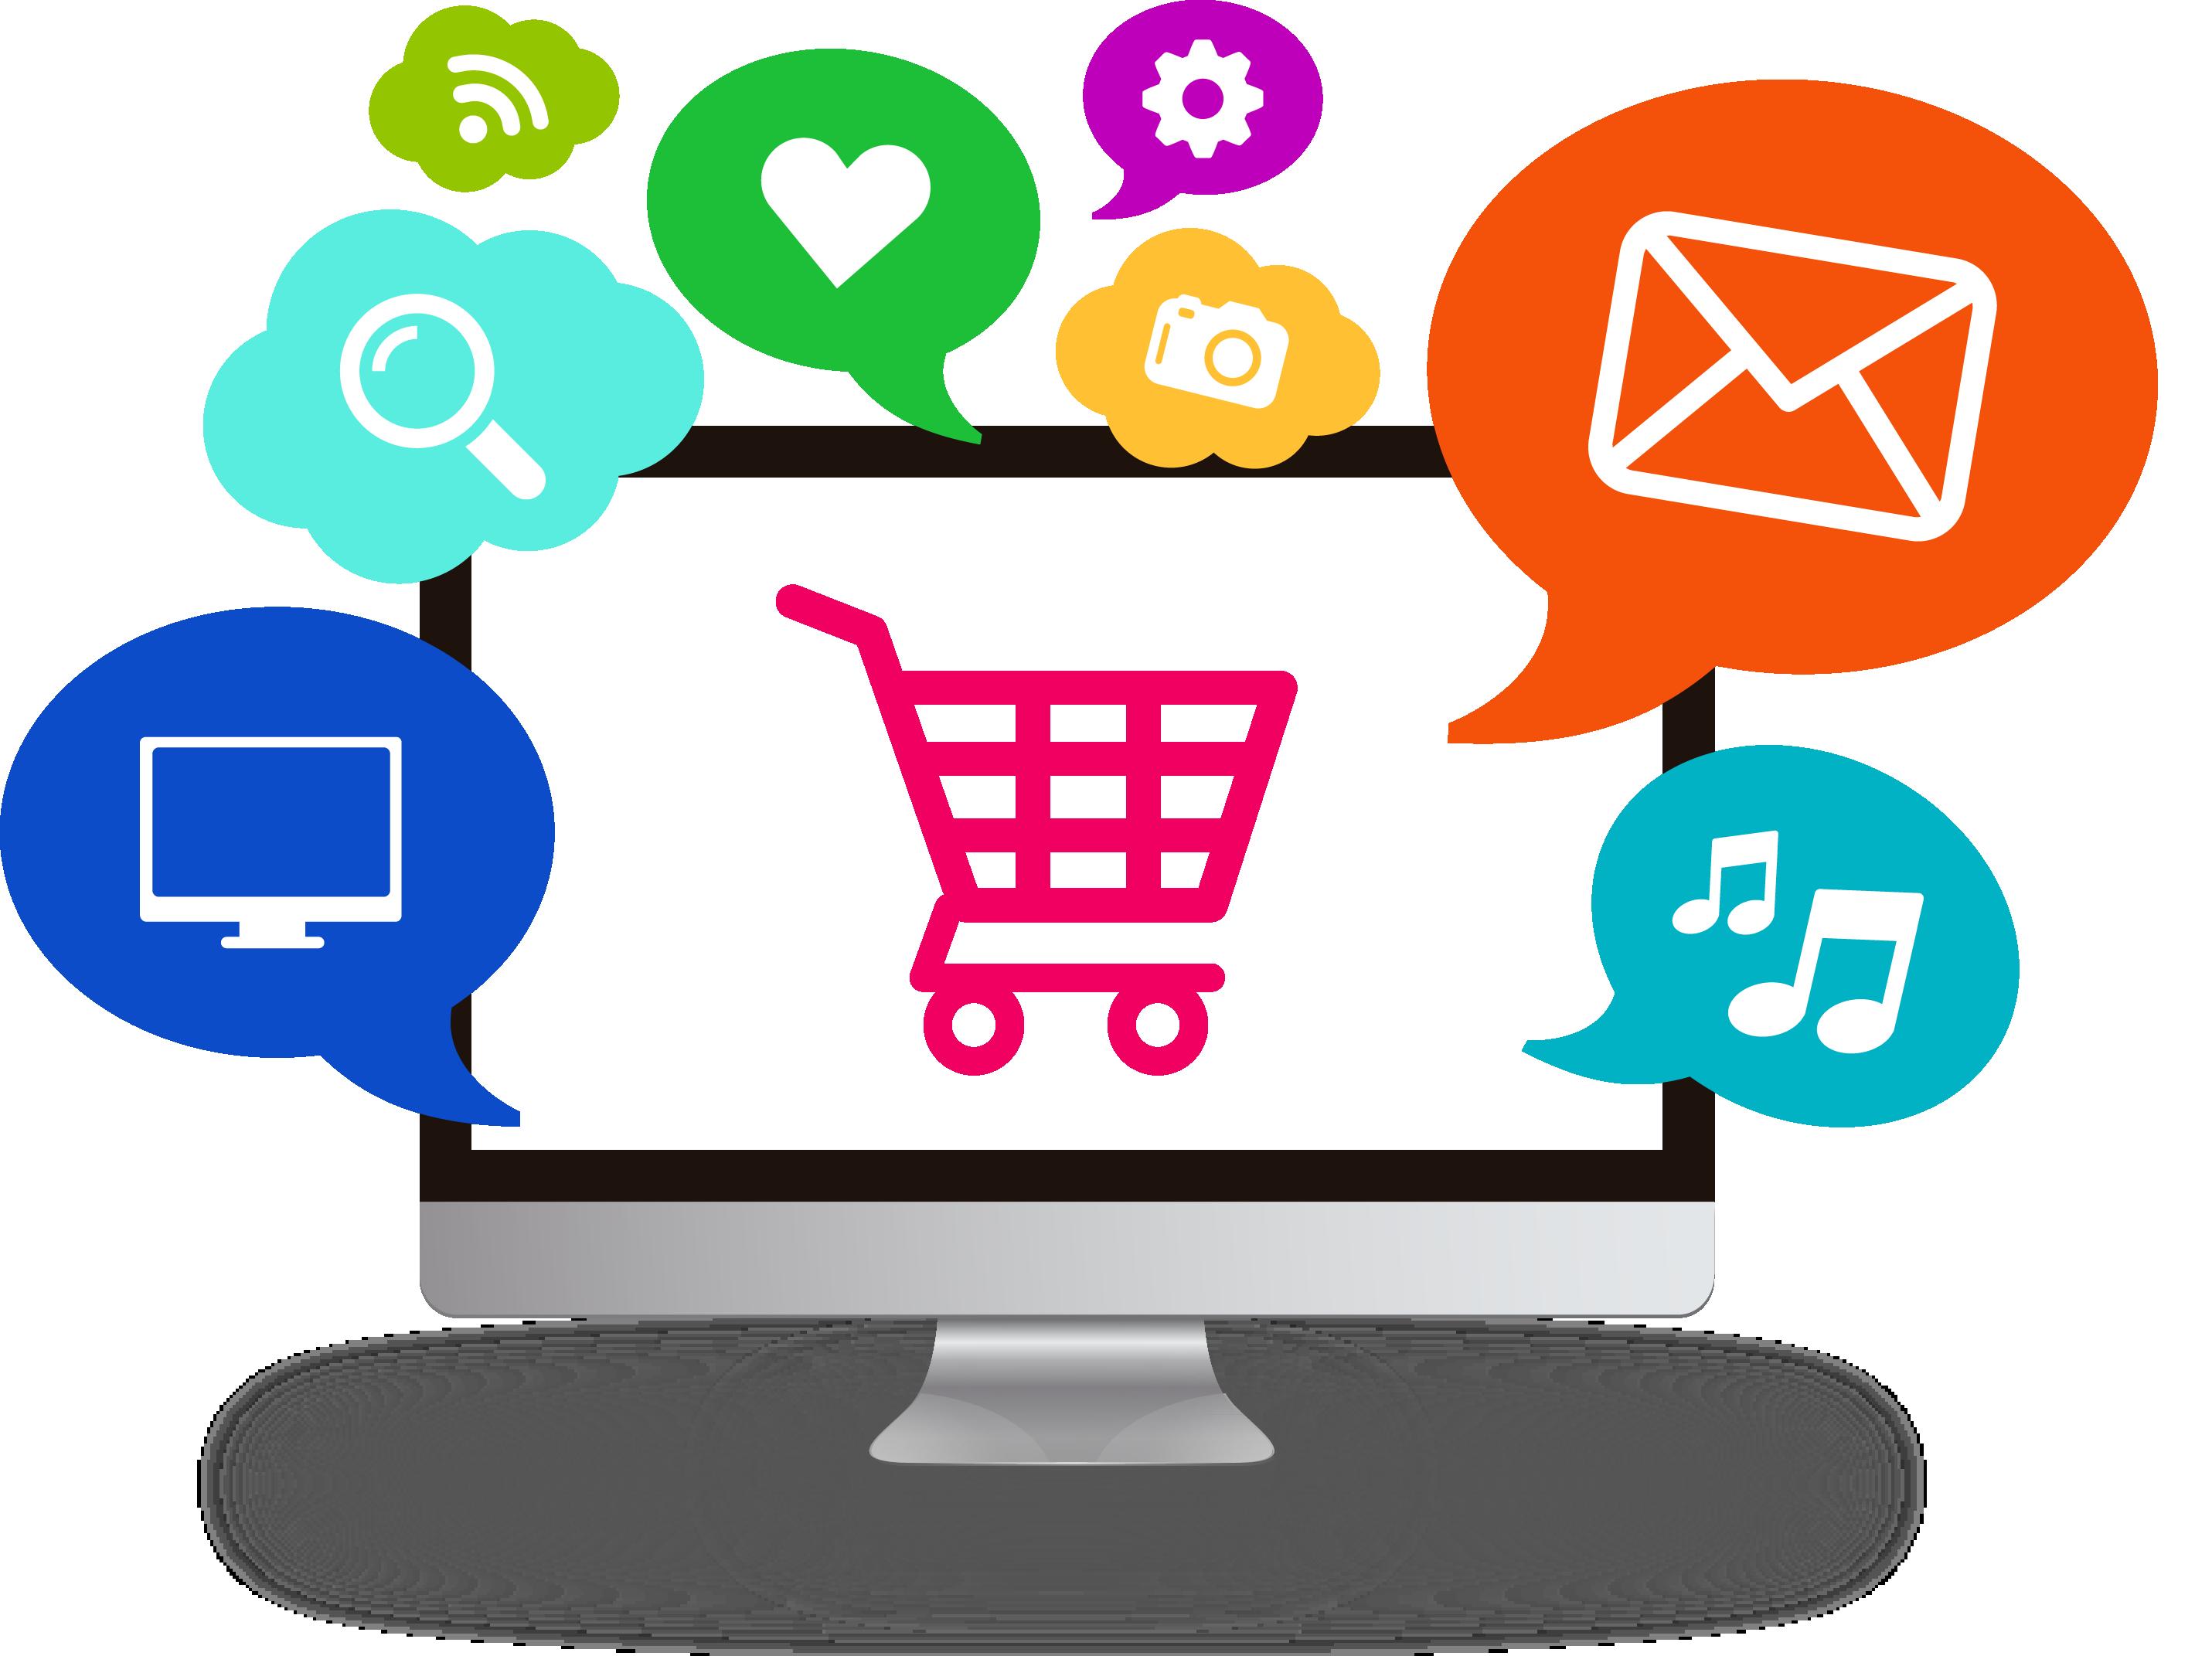 e commerce web site design nj: